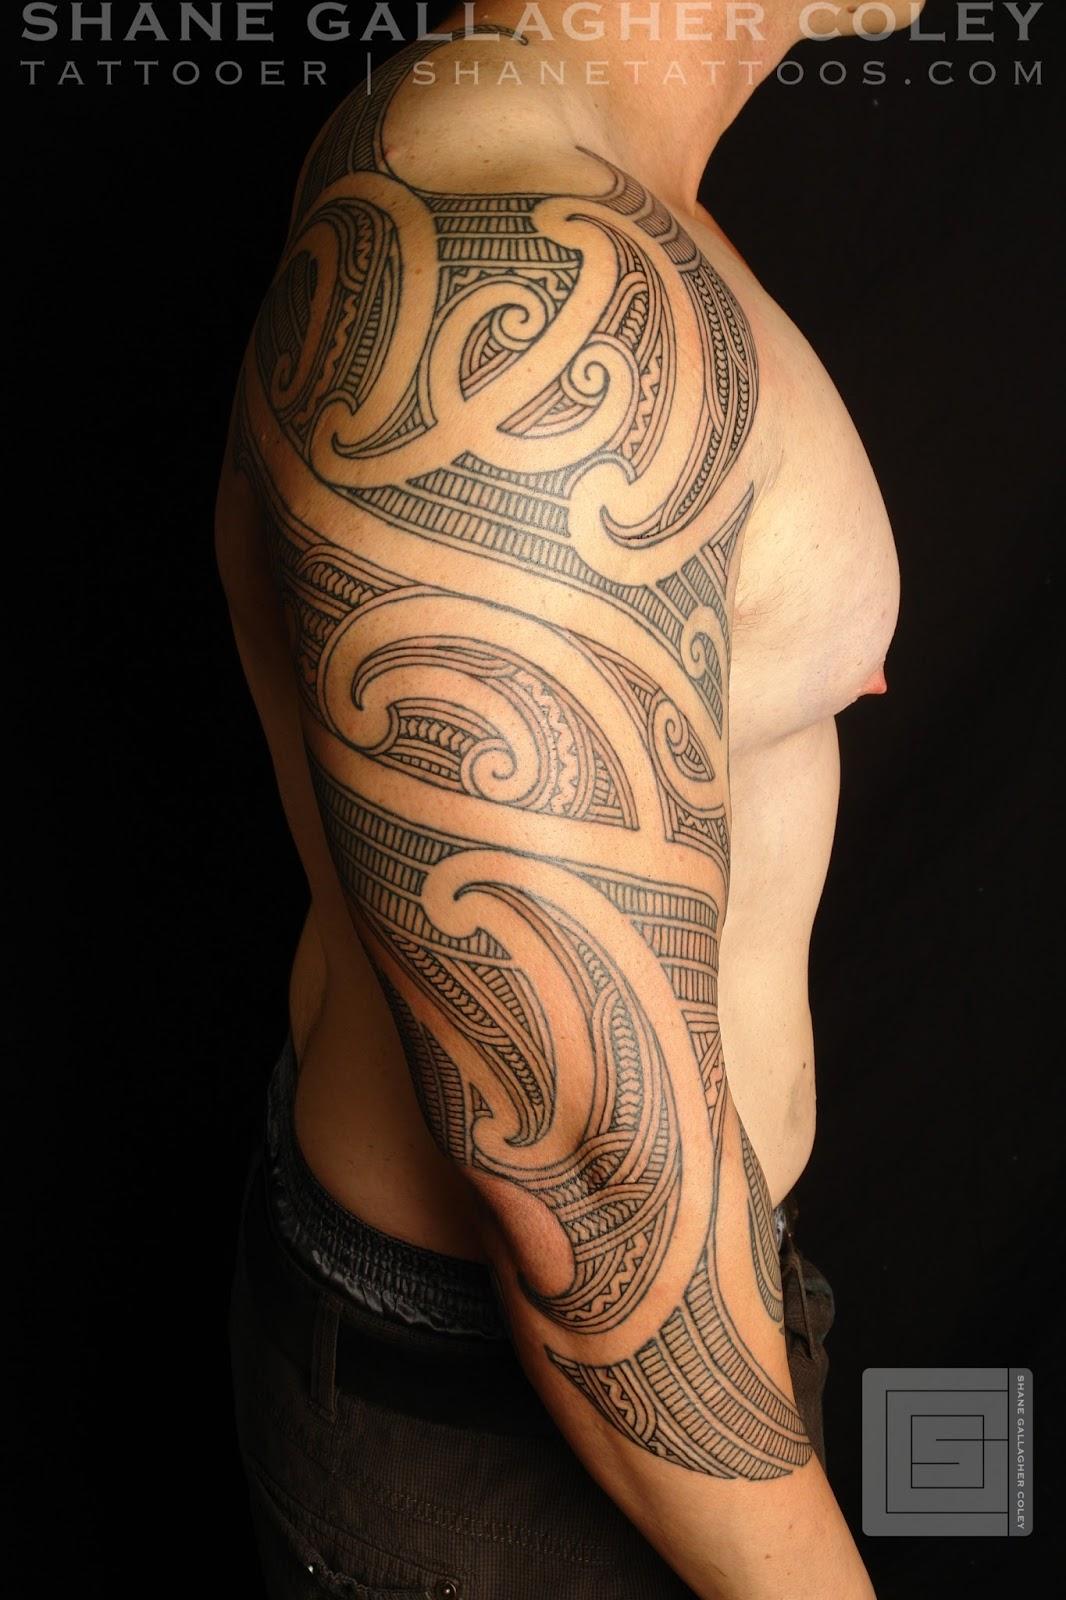 Moko Tattoo Maori: SHANE TATTOOS: Maori Sleeve Ta Moko/Tattoo